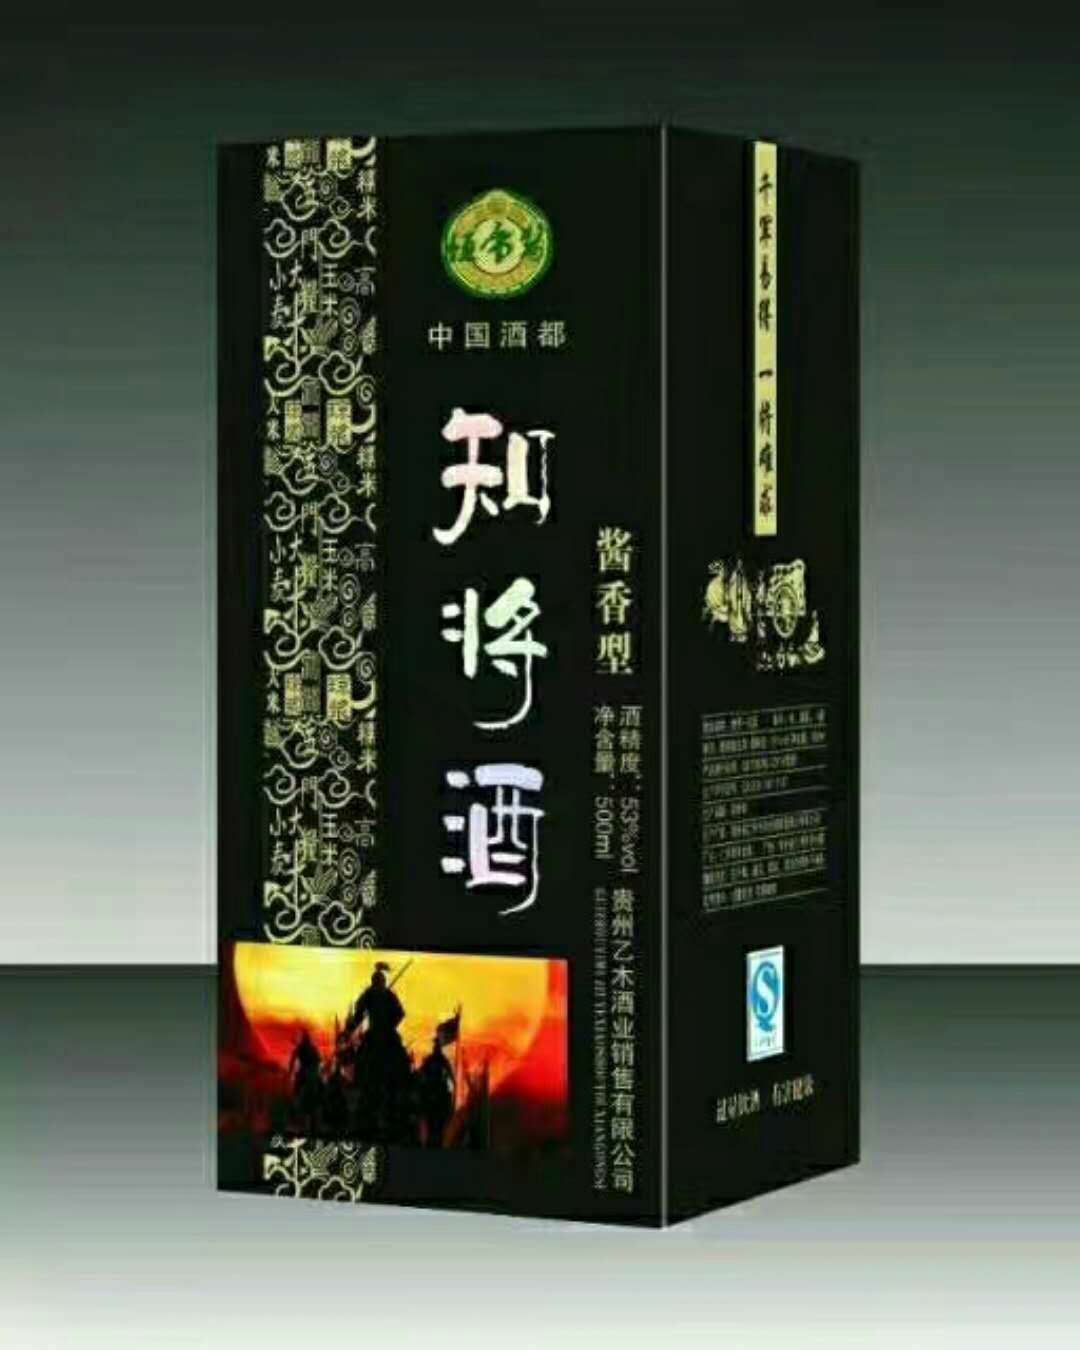 中国酒都电商招商_贵州省仁怀市悦鼎酒业销售有限公司